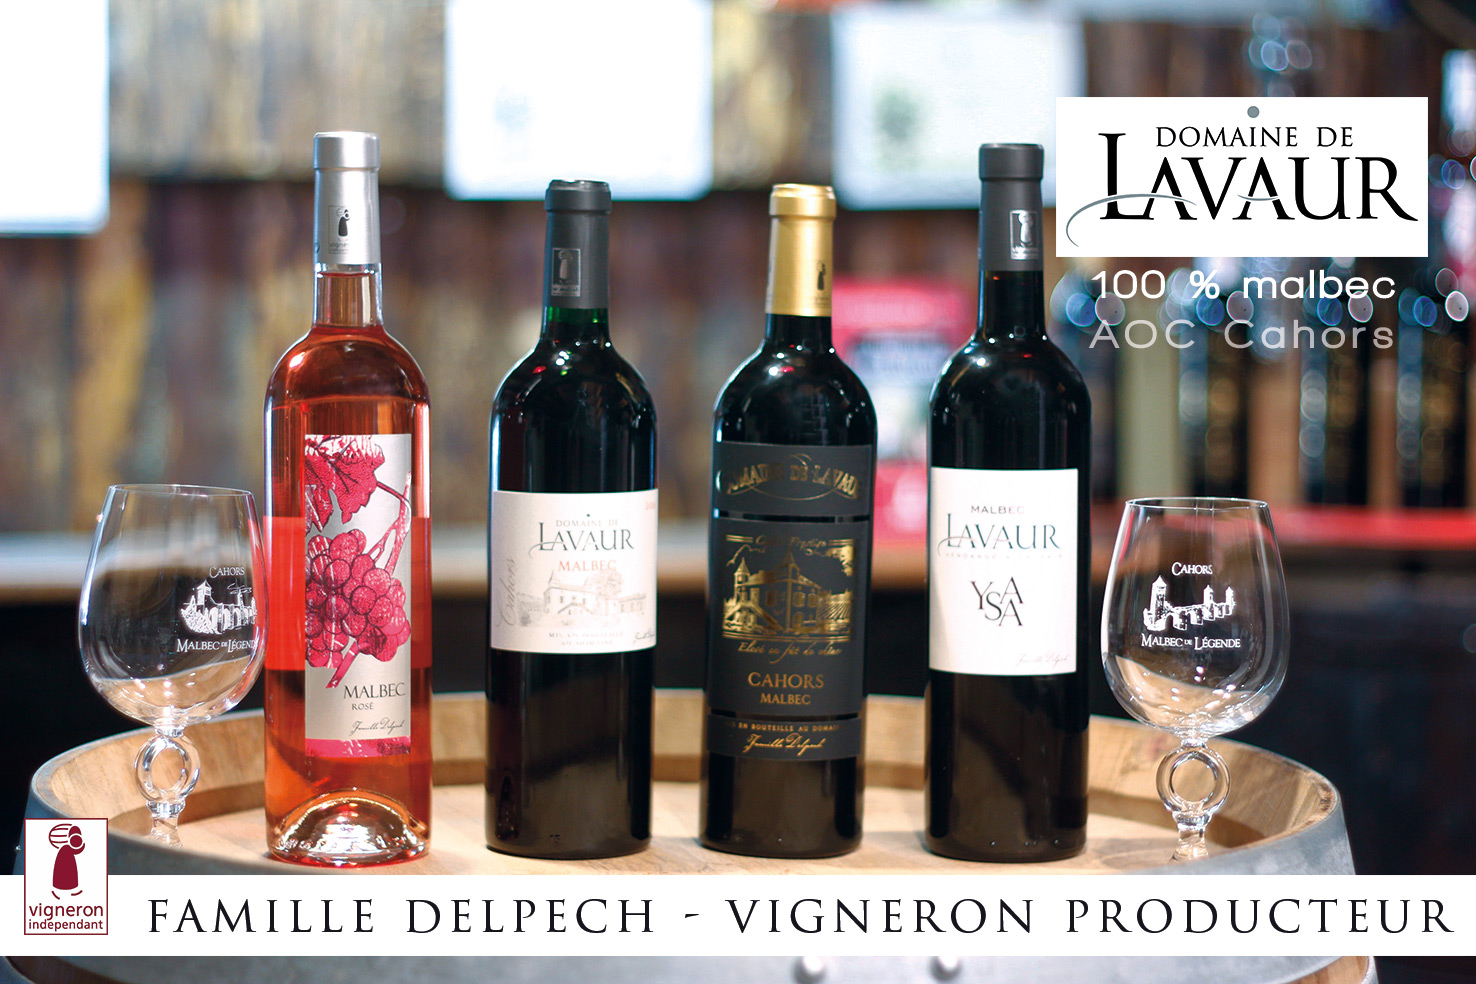 Domaine de Lavaur - AOC Cahors - 100 % malbec - Malbec rosé - Lot - charte qualité des vins d'excellence - vigneron indépendant de france